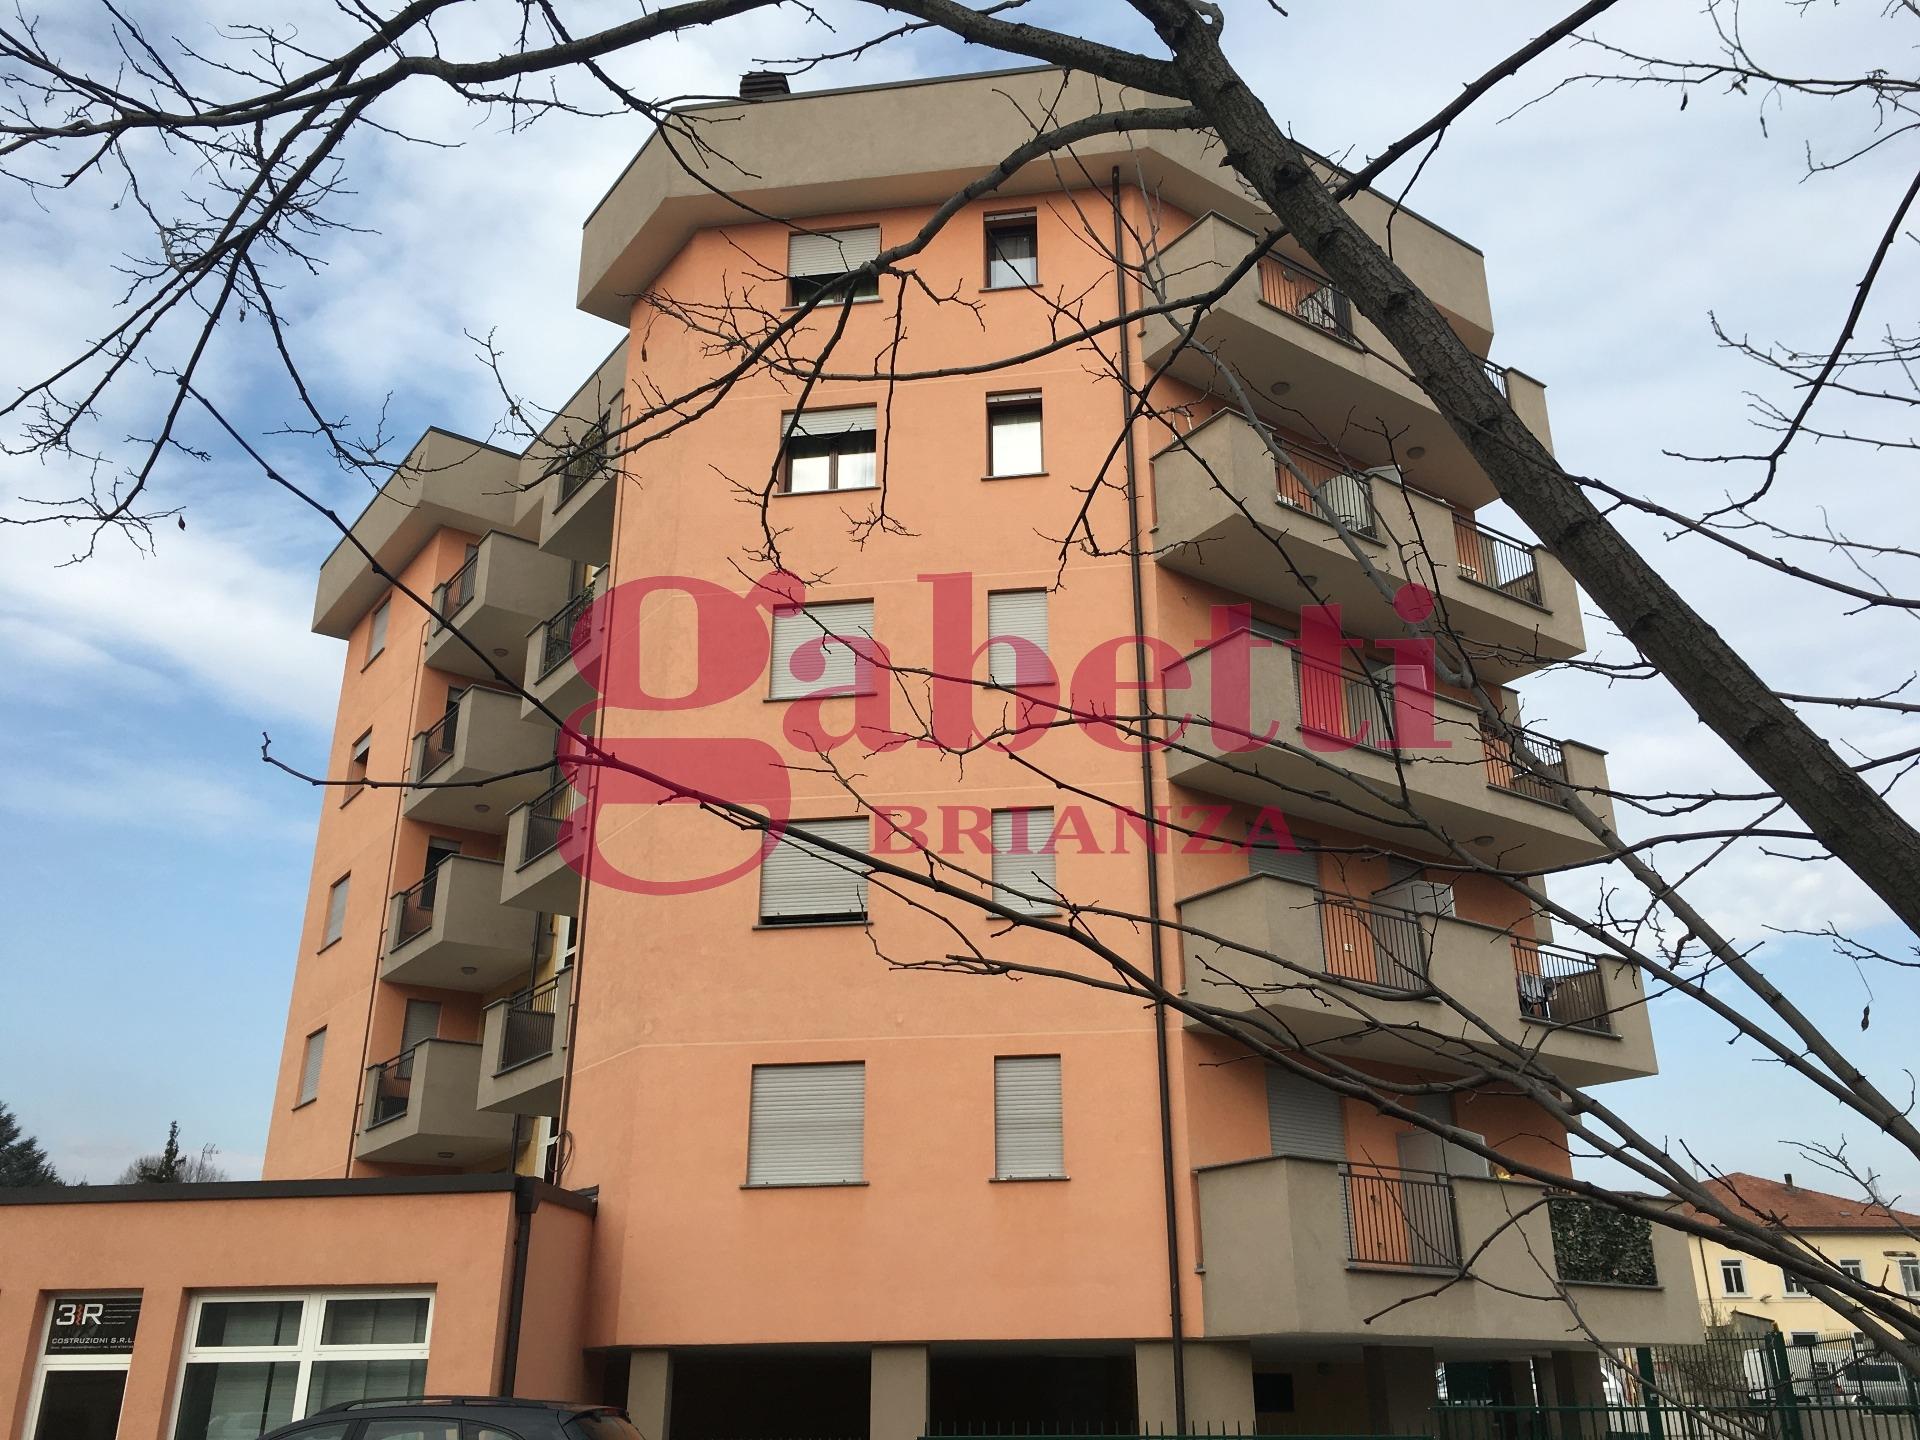 Appartamento in vendita a Carnate, 3 locali, zona Località: Carnateinferiore, prezzo € 105.000 | Cambio Casa.it